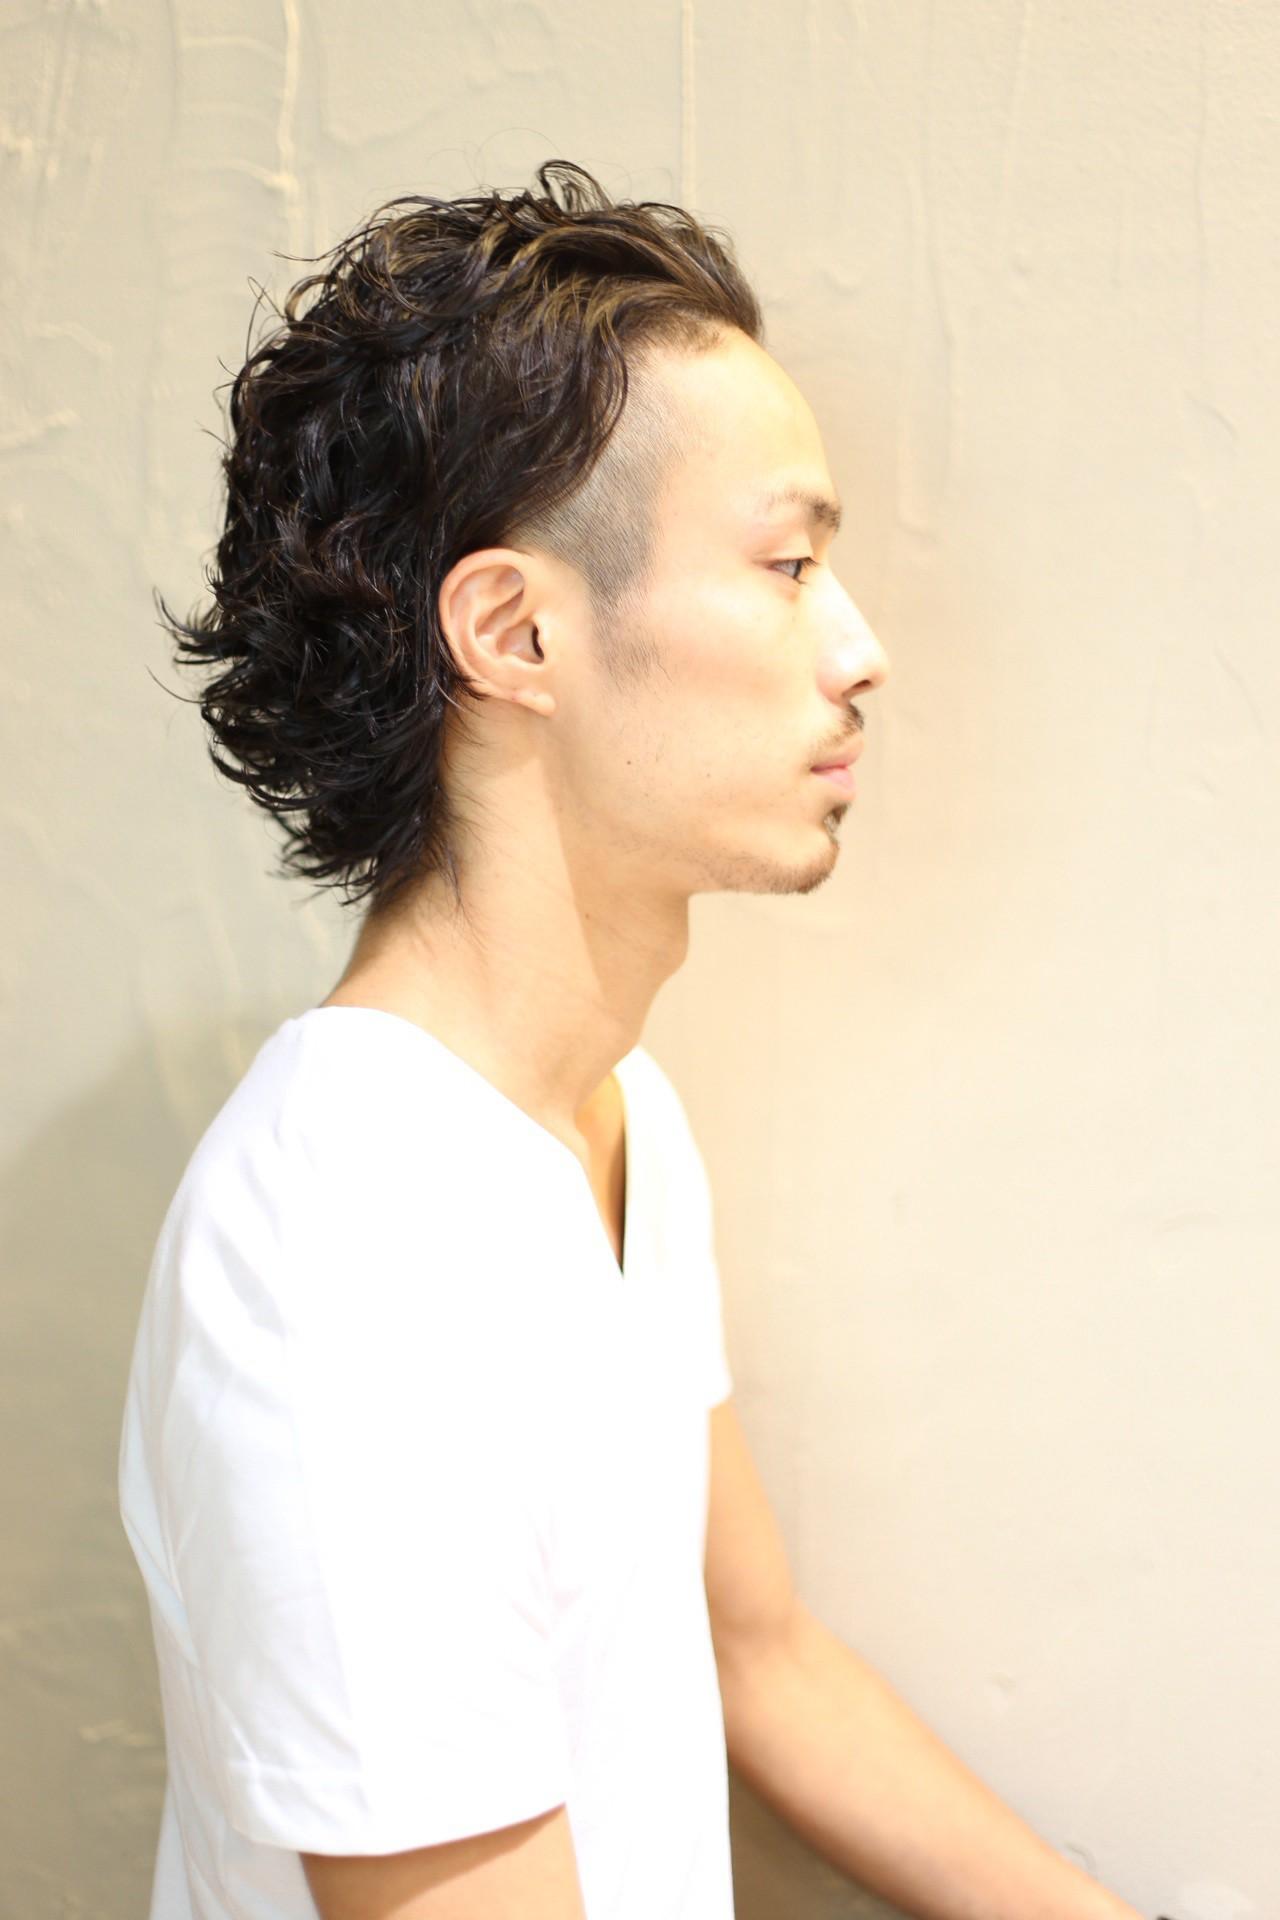 men's style02